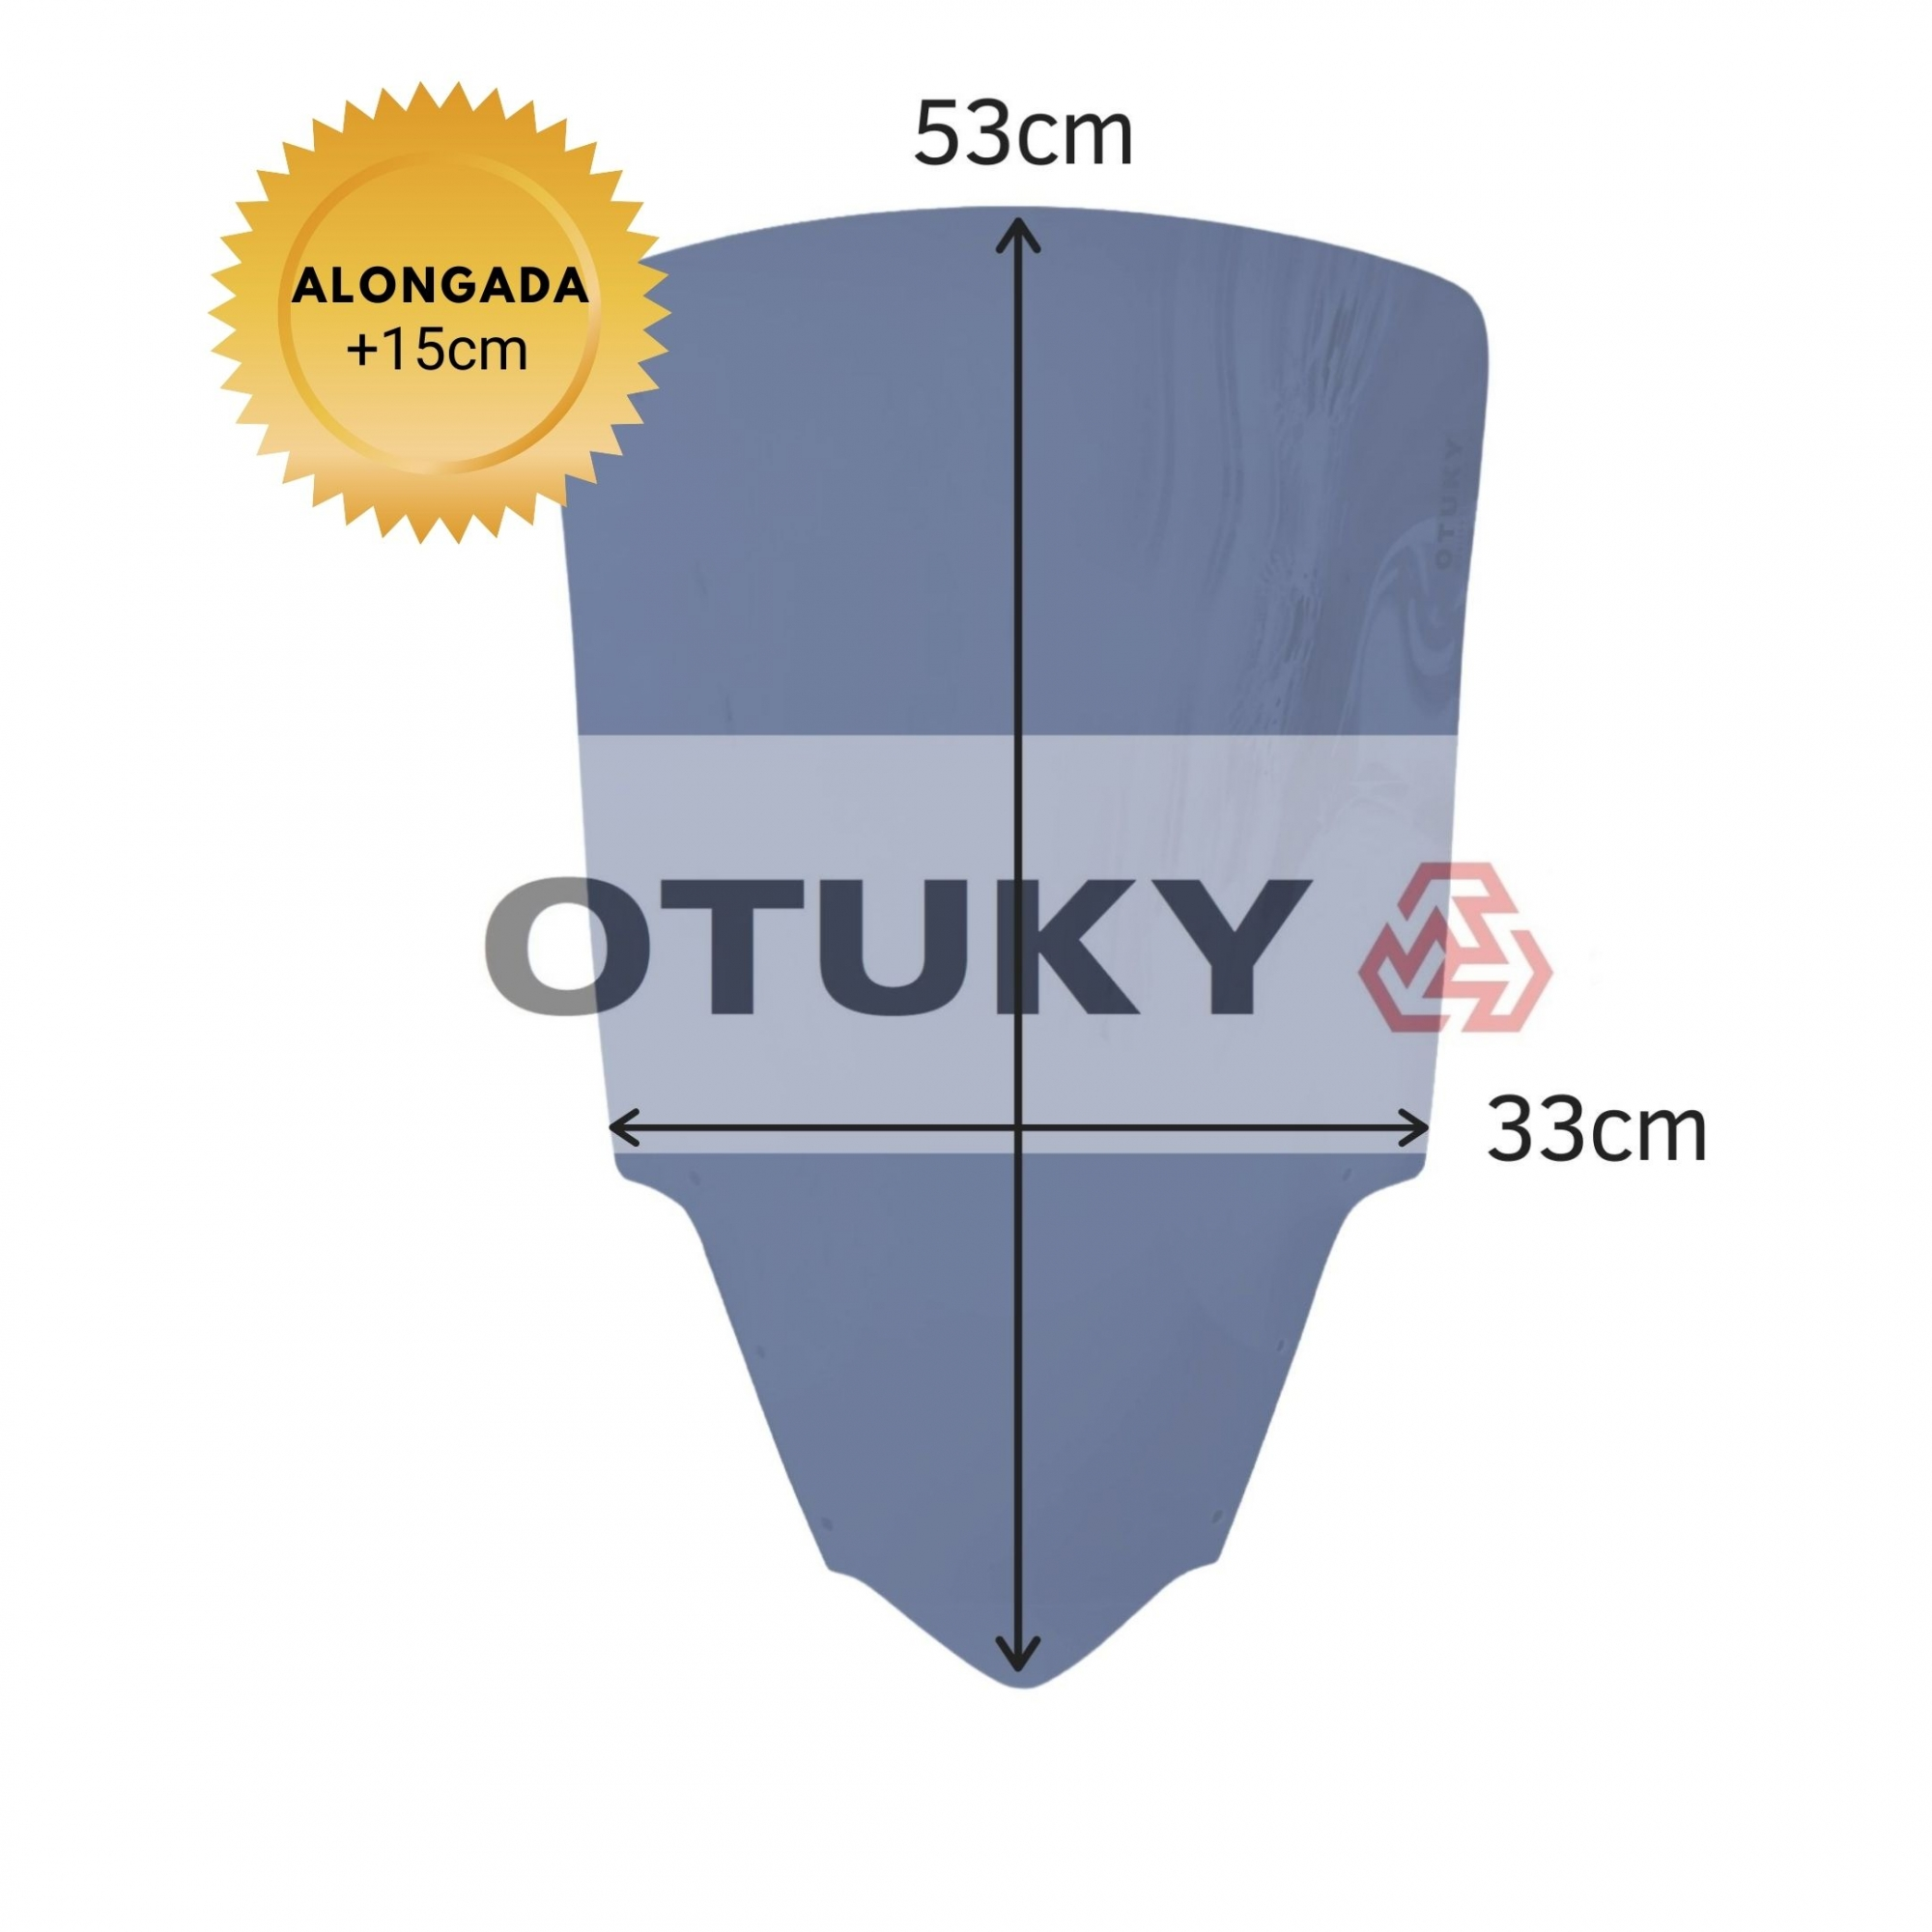 Bolha para Moto Fazer 600 FZ 6 S 2007 2008 2009 2010 Otuky Alongada +15cm Fumê Escuro